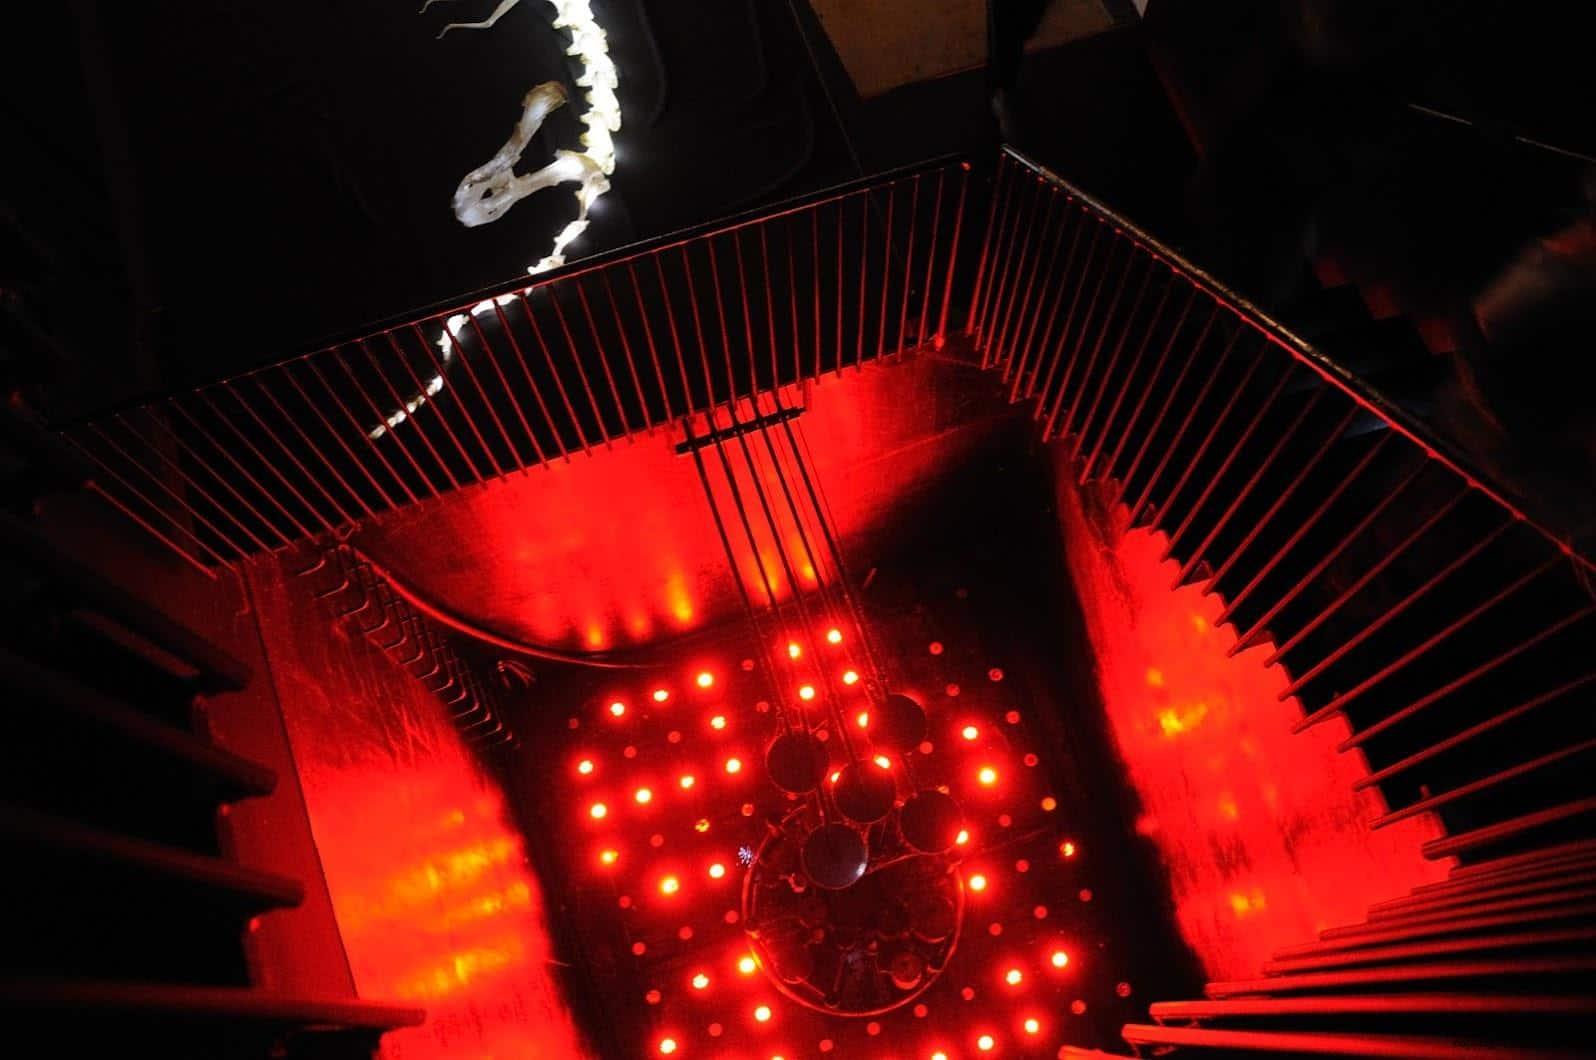 新野洋,日月之江;垂掉在前往十日町市立里山科學館/森林學校高塔的路程中,應對下方紅色詭異光線彷彿是進入地獄的路程 藝術指標空間 藝術指標空間 imaginationexperience micro and macro laboratory of forest life 04